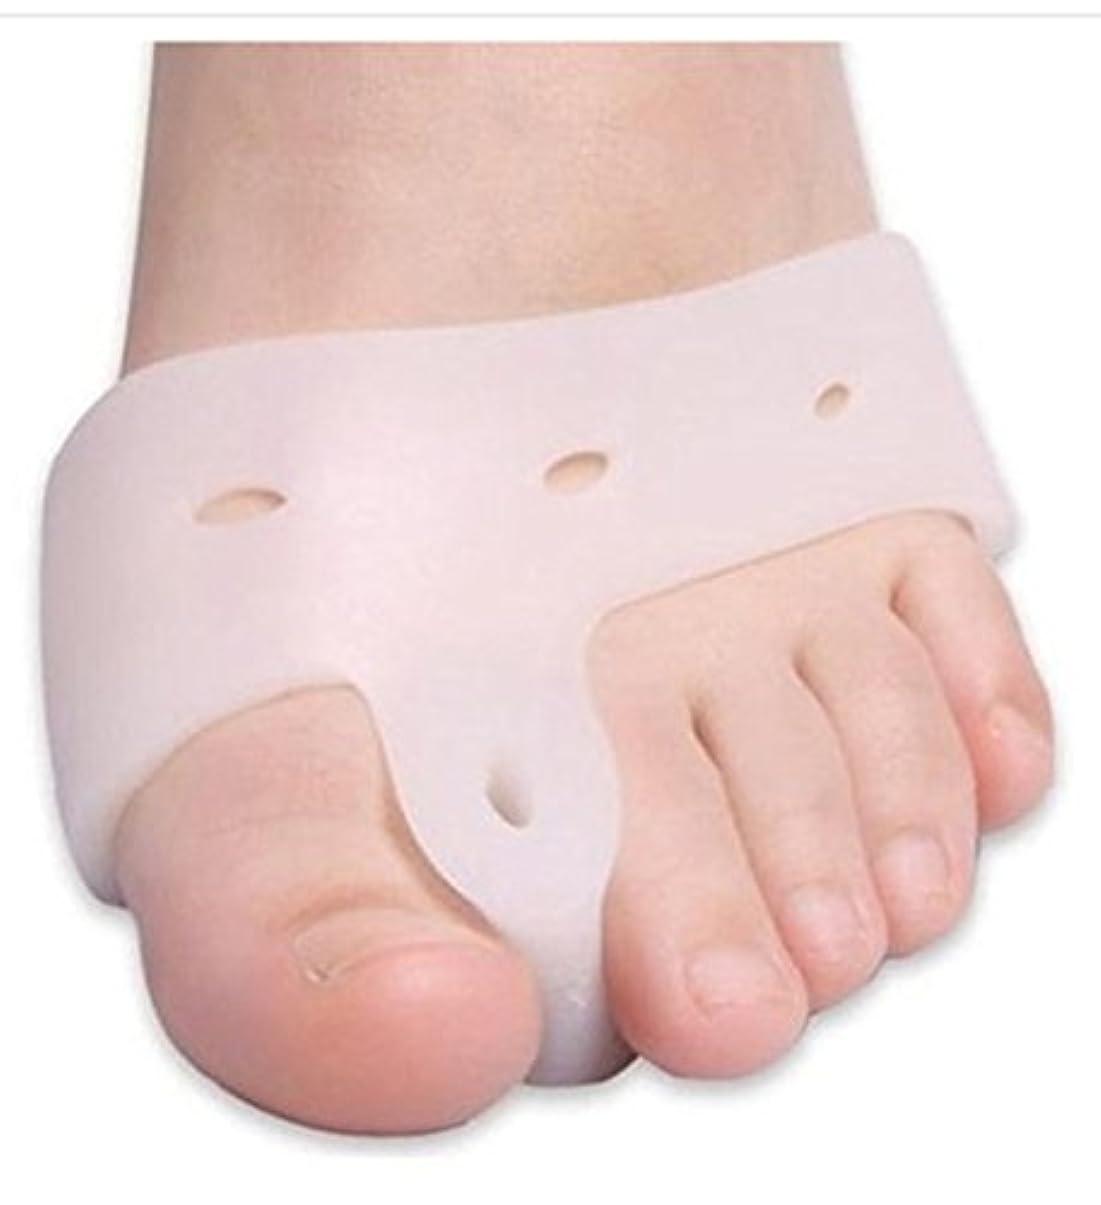 ながらアリ内部World Star® Original Deluxe Bunion Pad & Toe Spacer - 2 Pieces - Soft Gel Toe Separators for Active People - Pain...